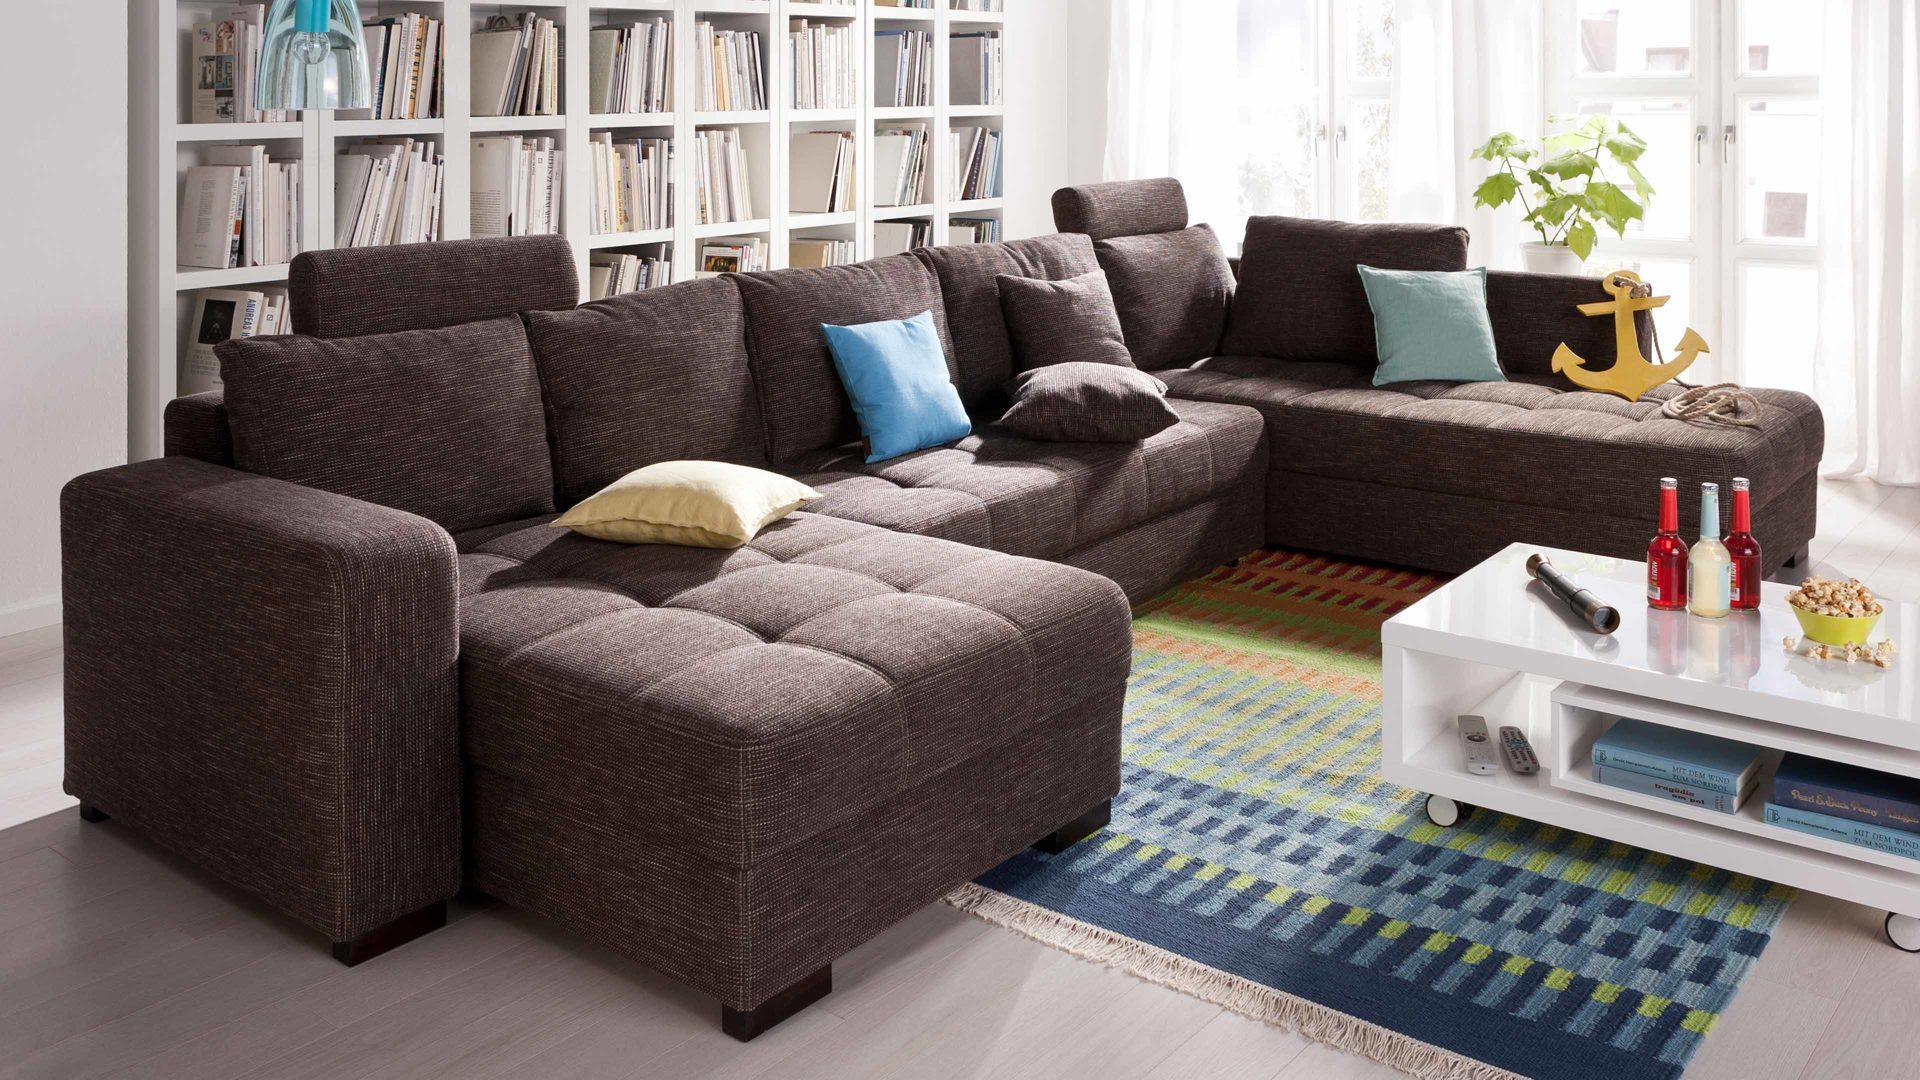 einrichtungspartner ring | räume | wohnzimmer | sofas + couches